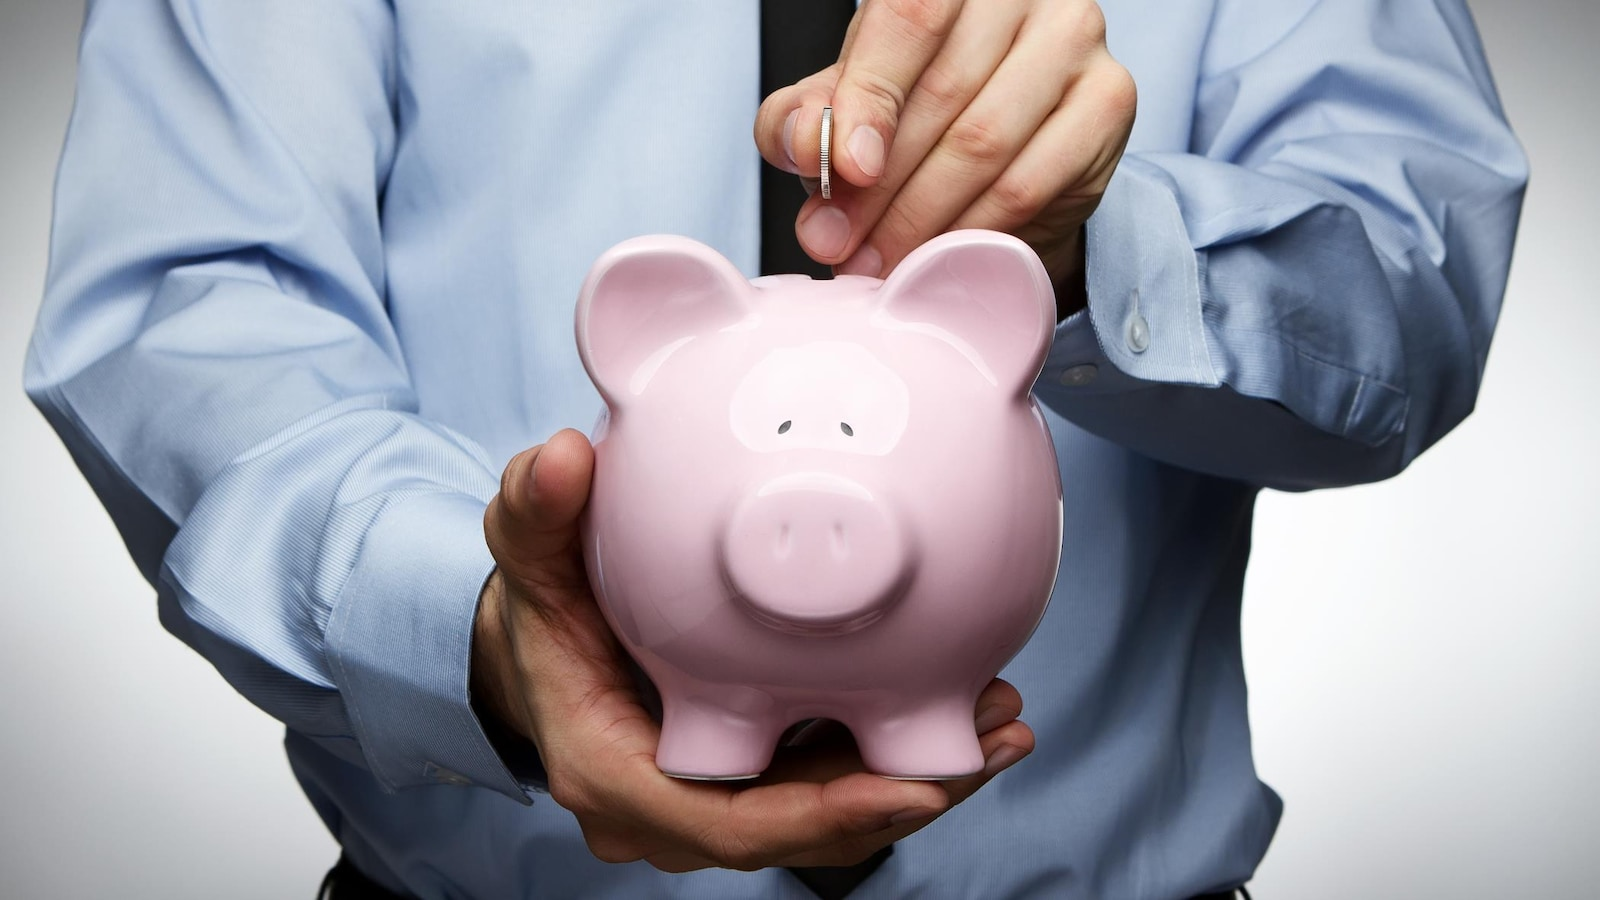 Un homme en cravate dépose un sou dans une tirelire en forme de cochon qu'il tient dans sa main.